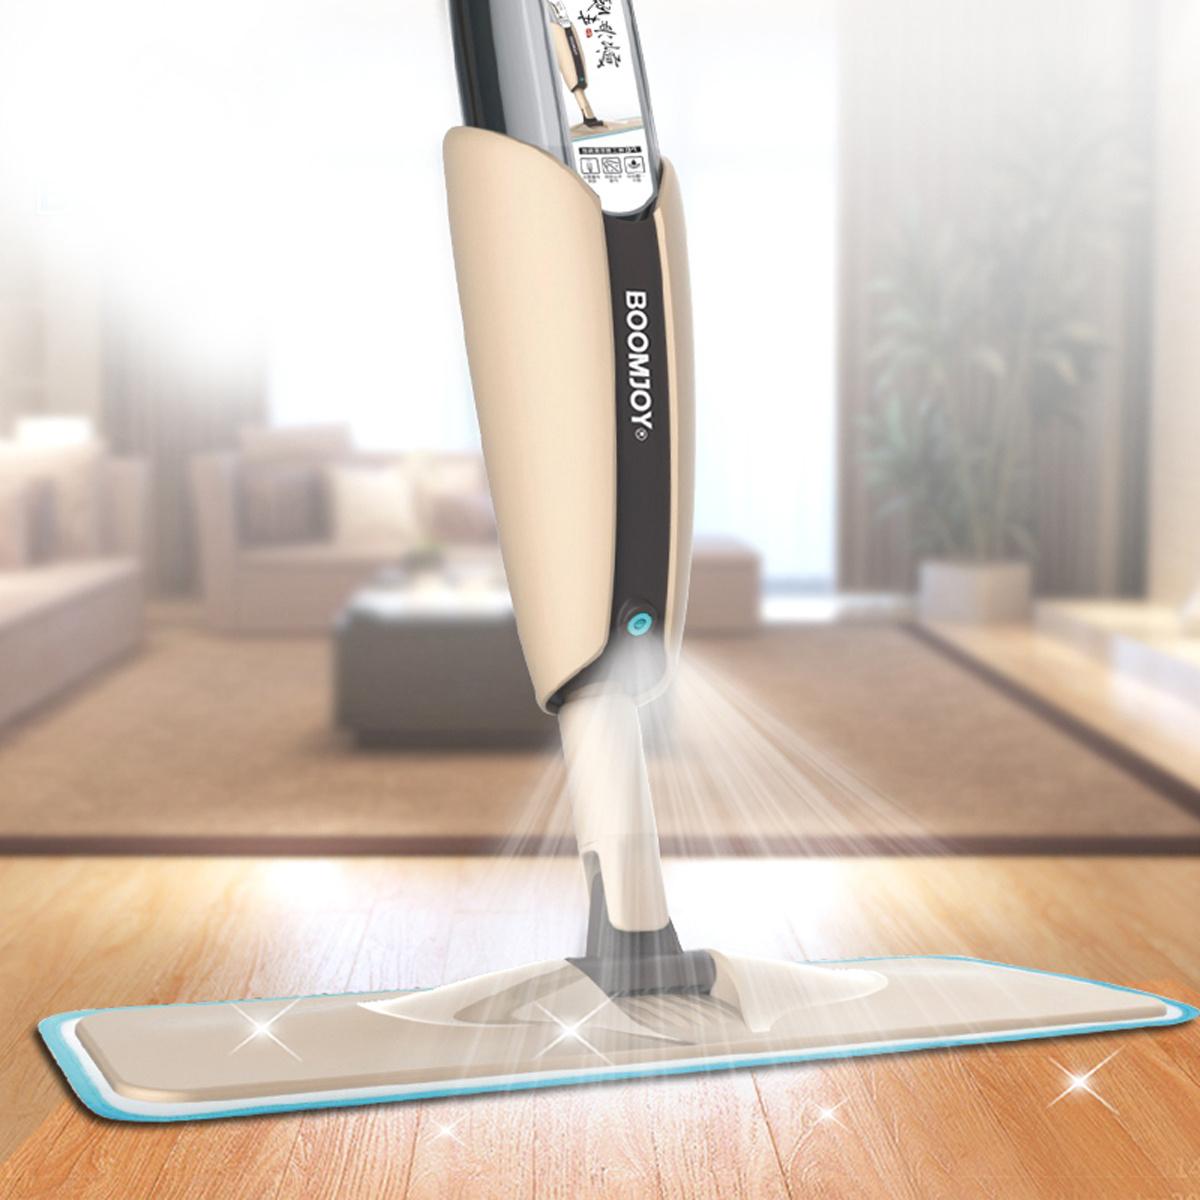 """Швабра с распылителем Boomjoy """"Spray Mop"""", с пульверизатором для влажной  уборки, Дозатор для моющего средства - купить по низкой цене в  интернет-магазине OZON"""